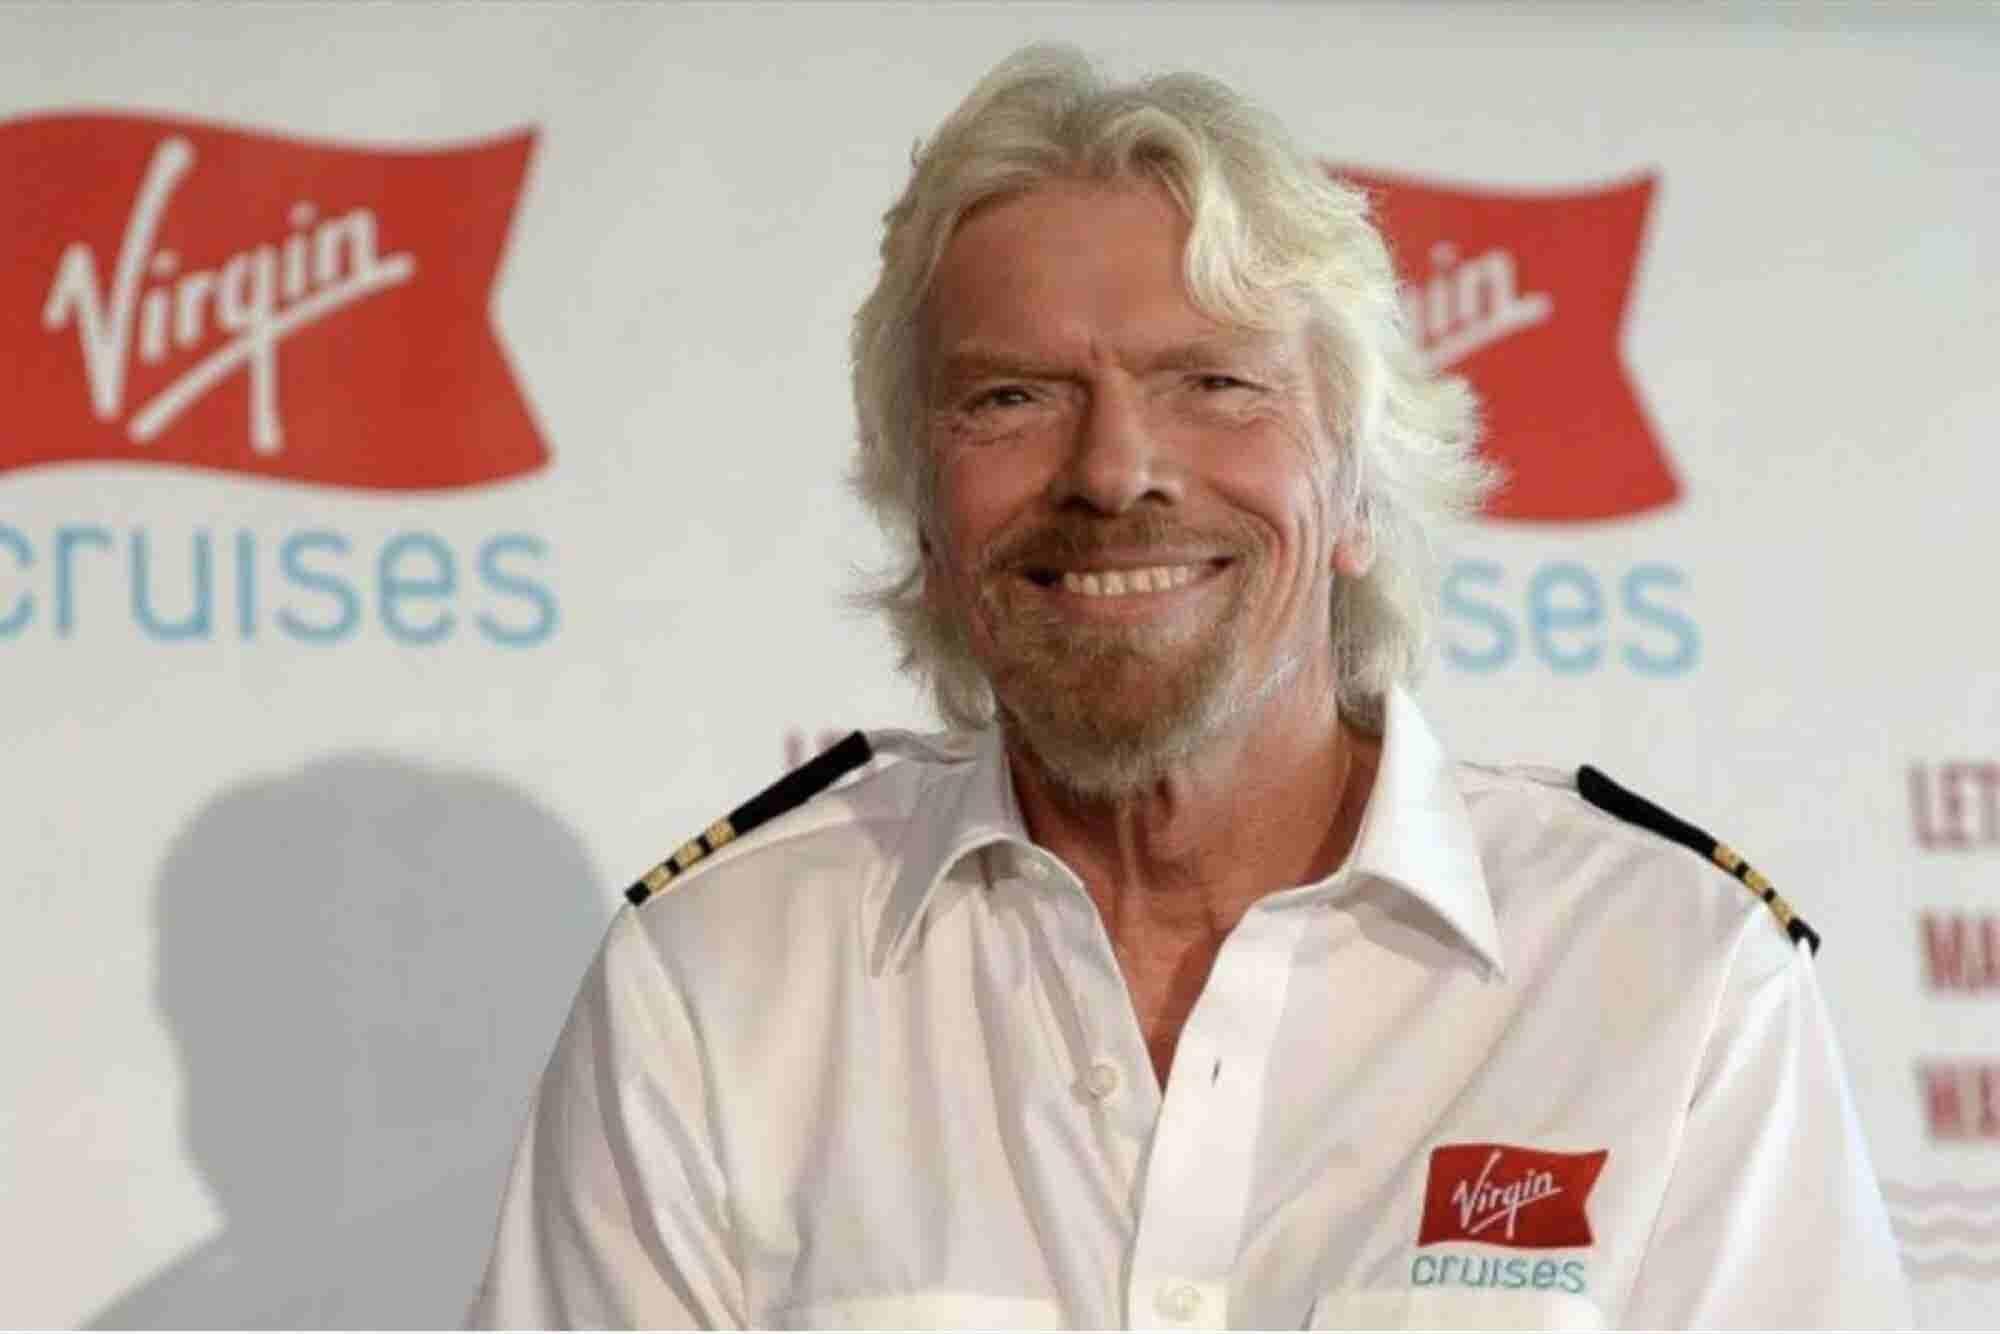 Cómo Richard Branson construyó su fortuna de 5.1 mil millones de dólares